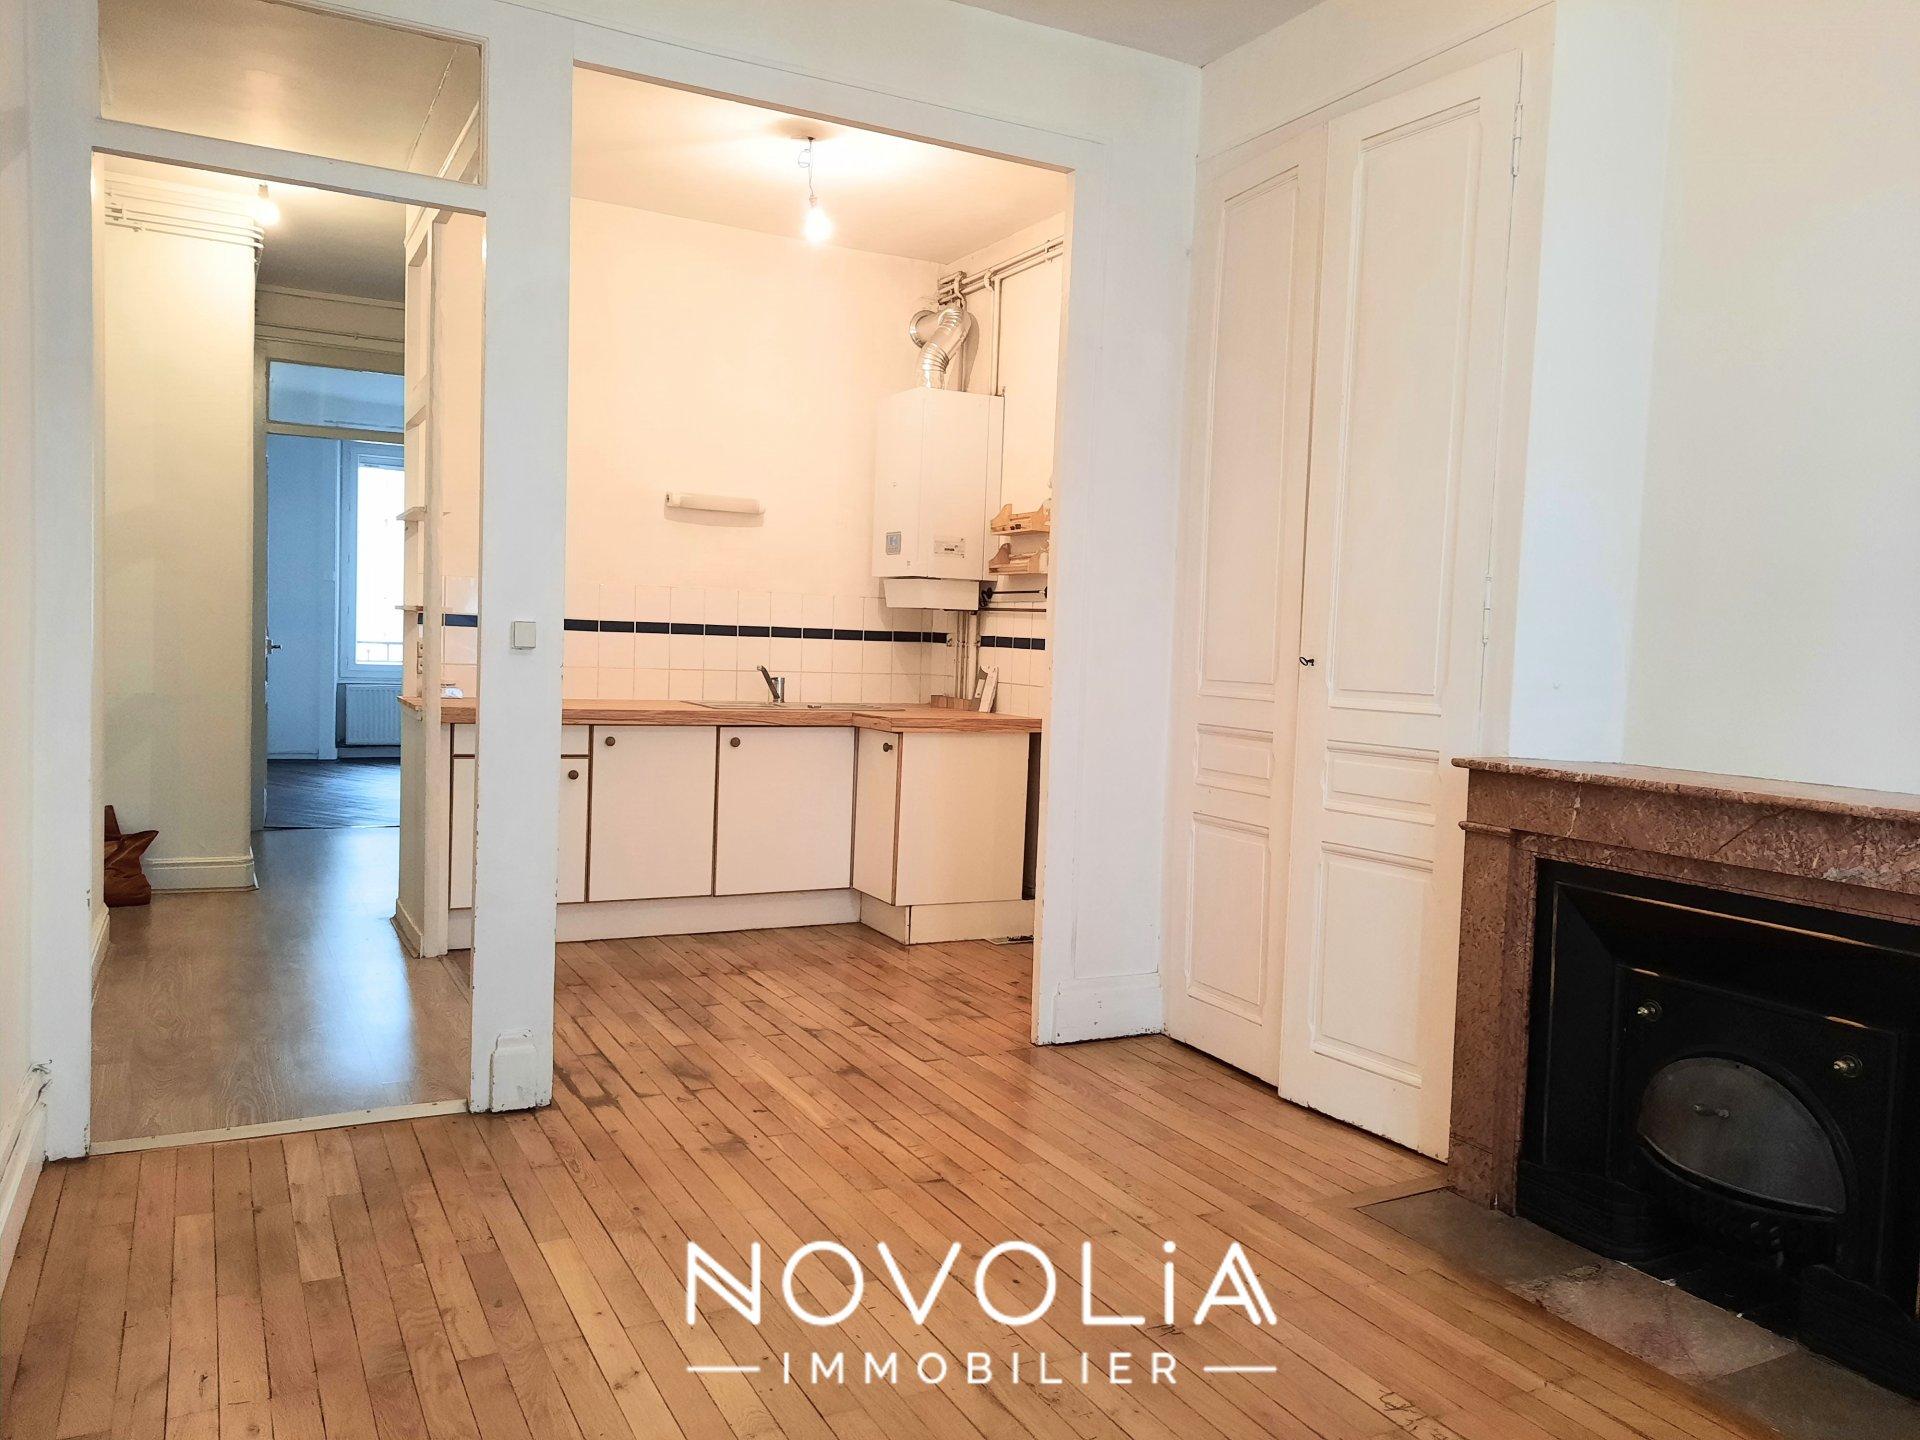 Achat Appartement, Surface de 42.77 m²/ Total carrez : 42 m², 2 pièces, Villeurbanne (69100)